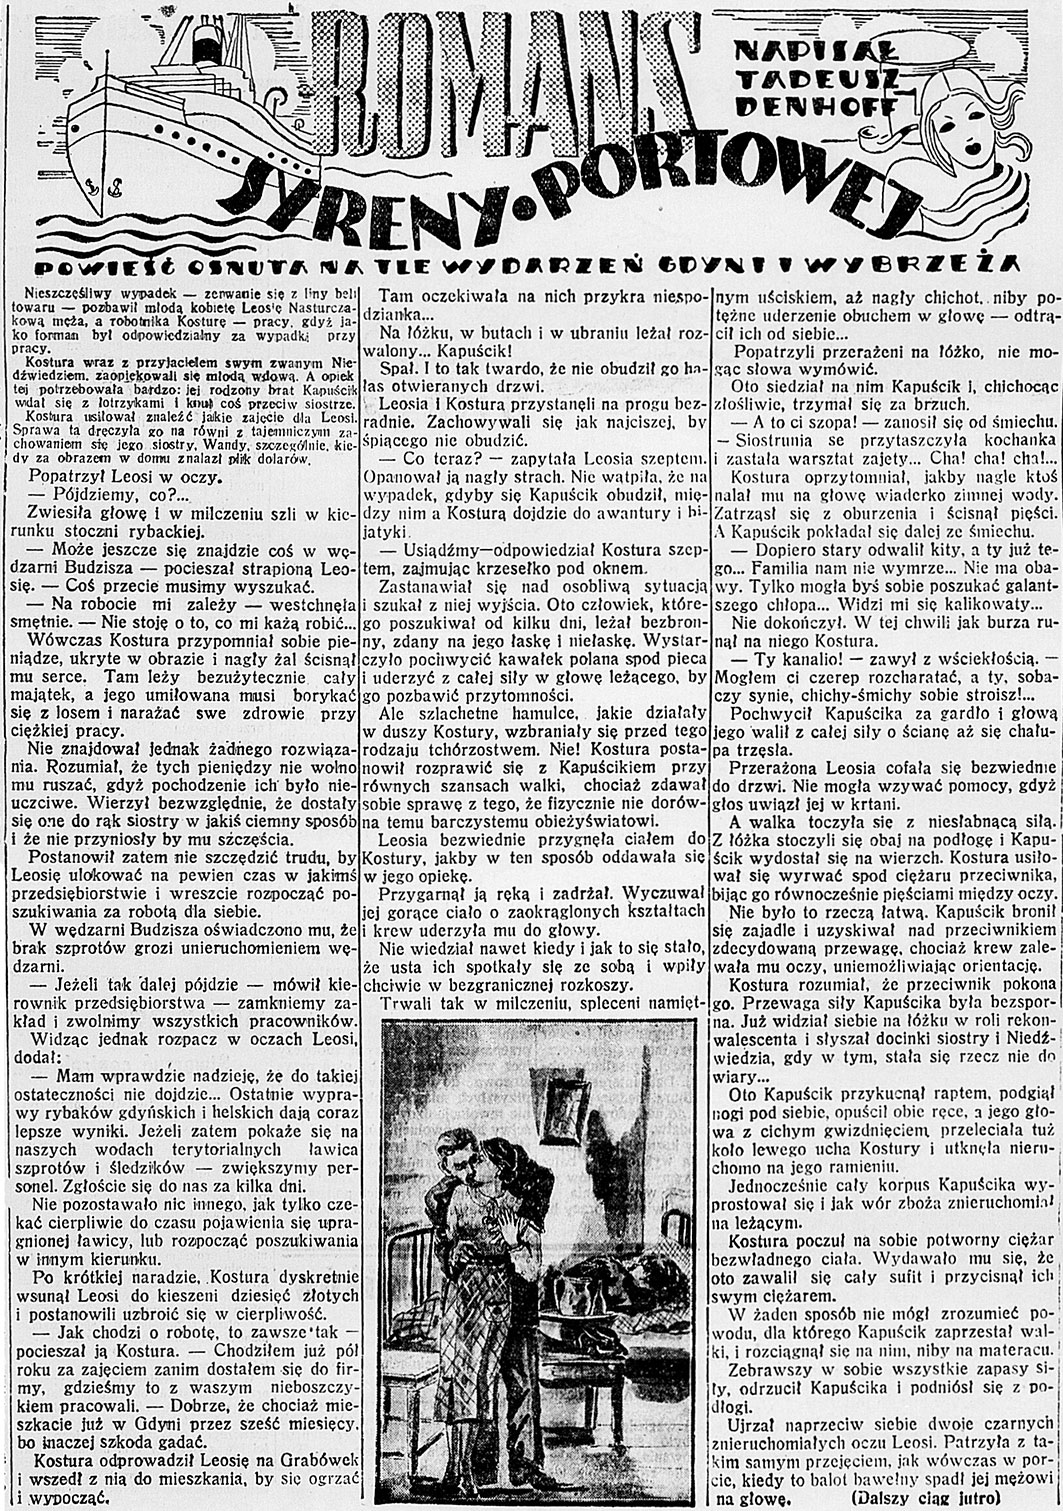 Romans syreny portowej. Powieść osnuta na tle wydarzeń Gdyni i wybrzeża / Tadeusz Denhoff. - 1938, nr 26, s. 4